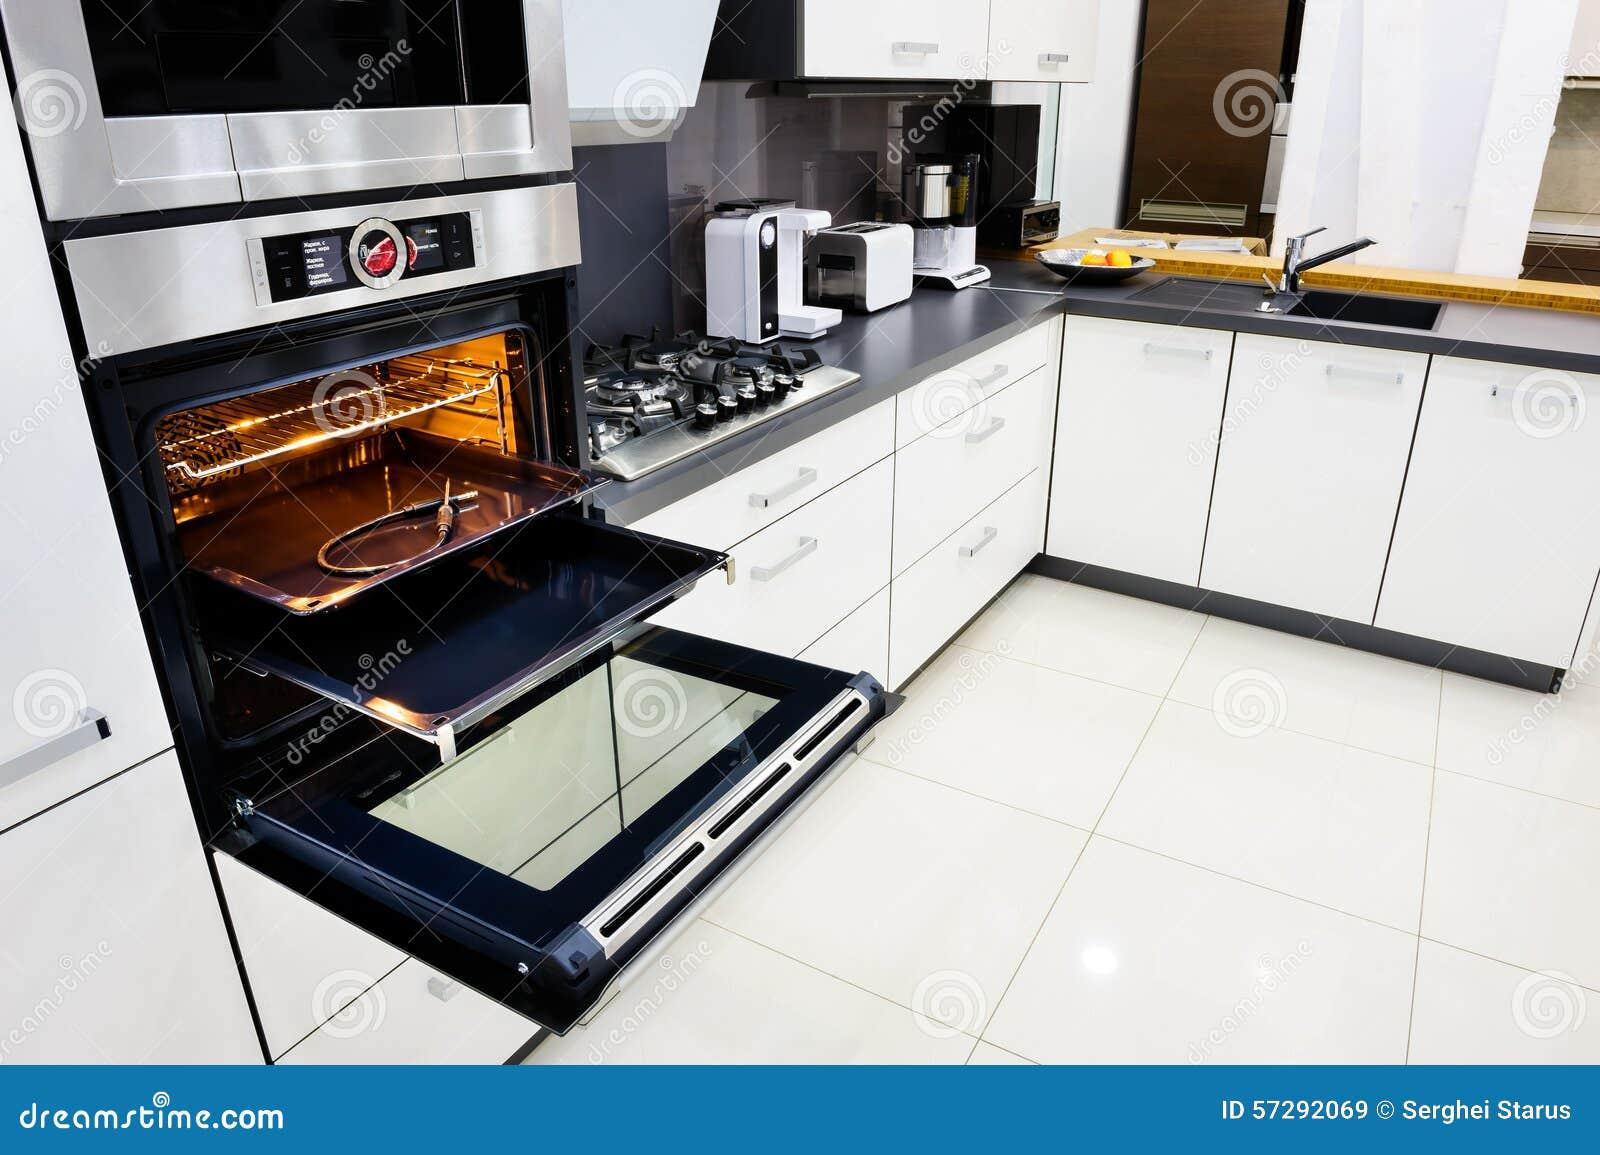 Open Kitchen Oven ~ Modern hi tek kitchen oven with open door stock image